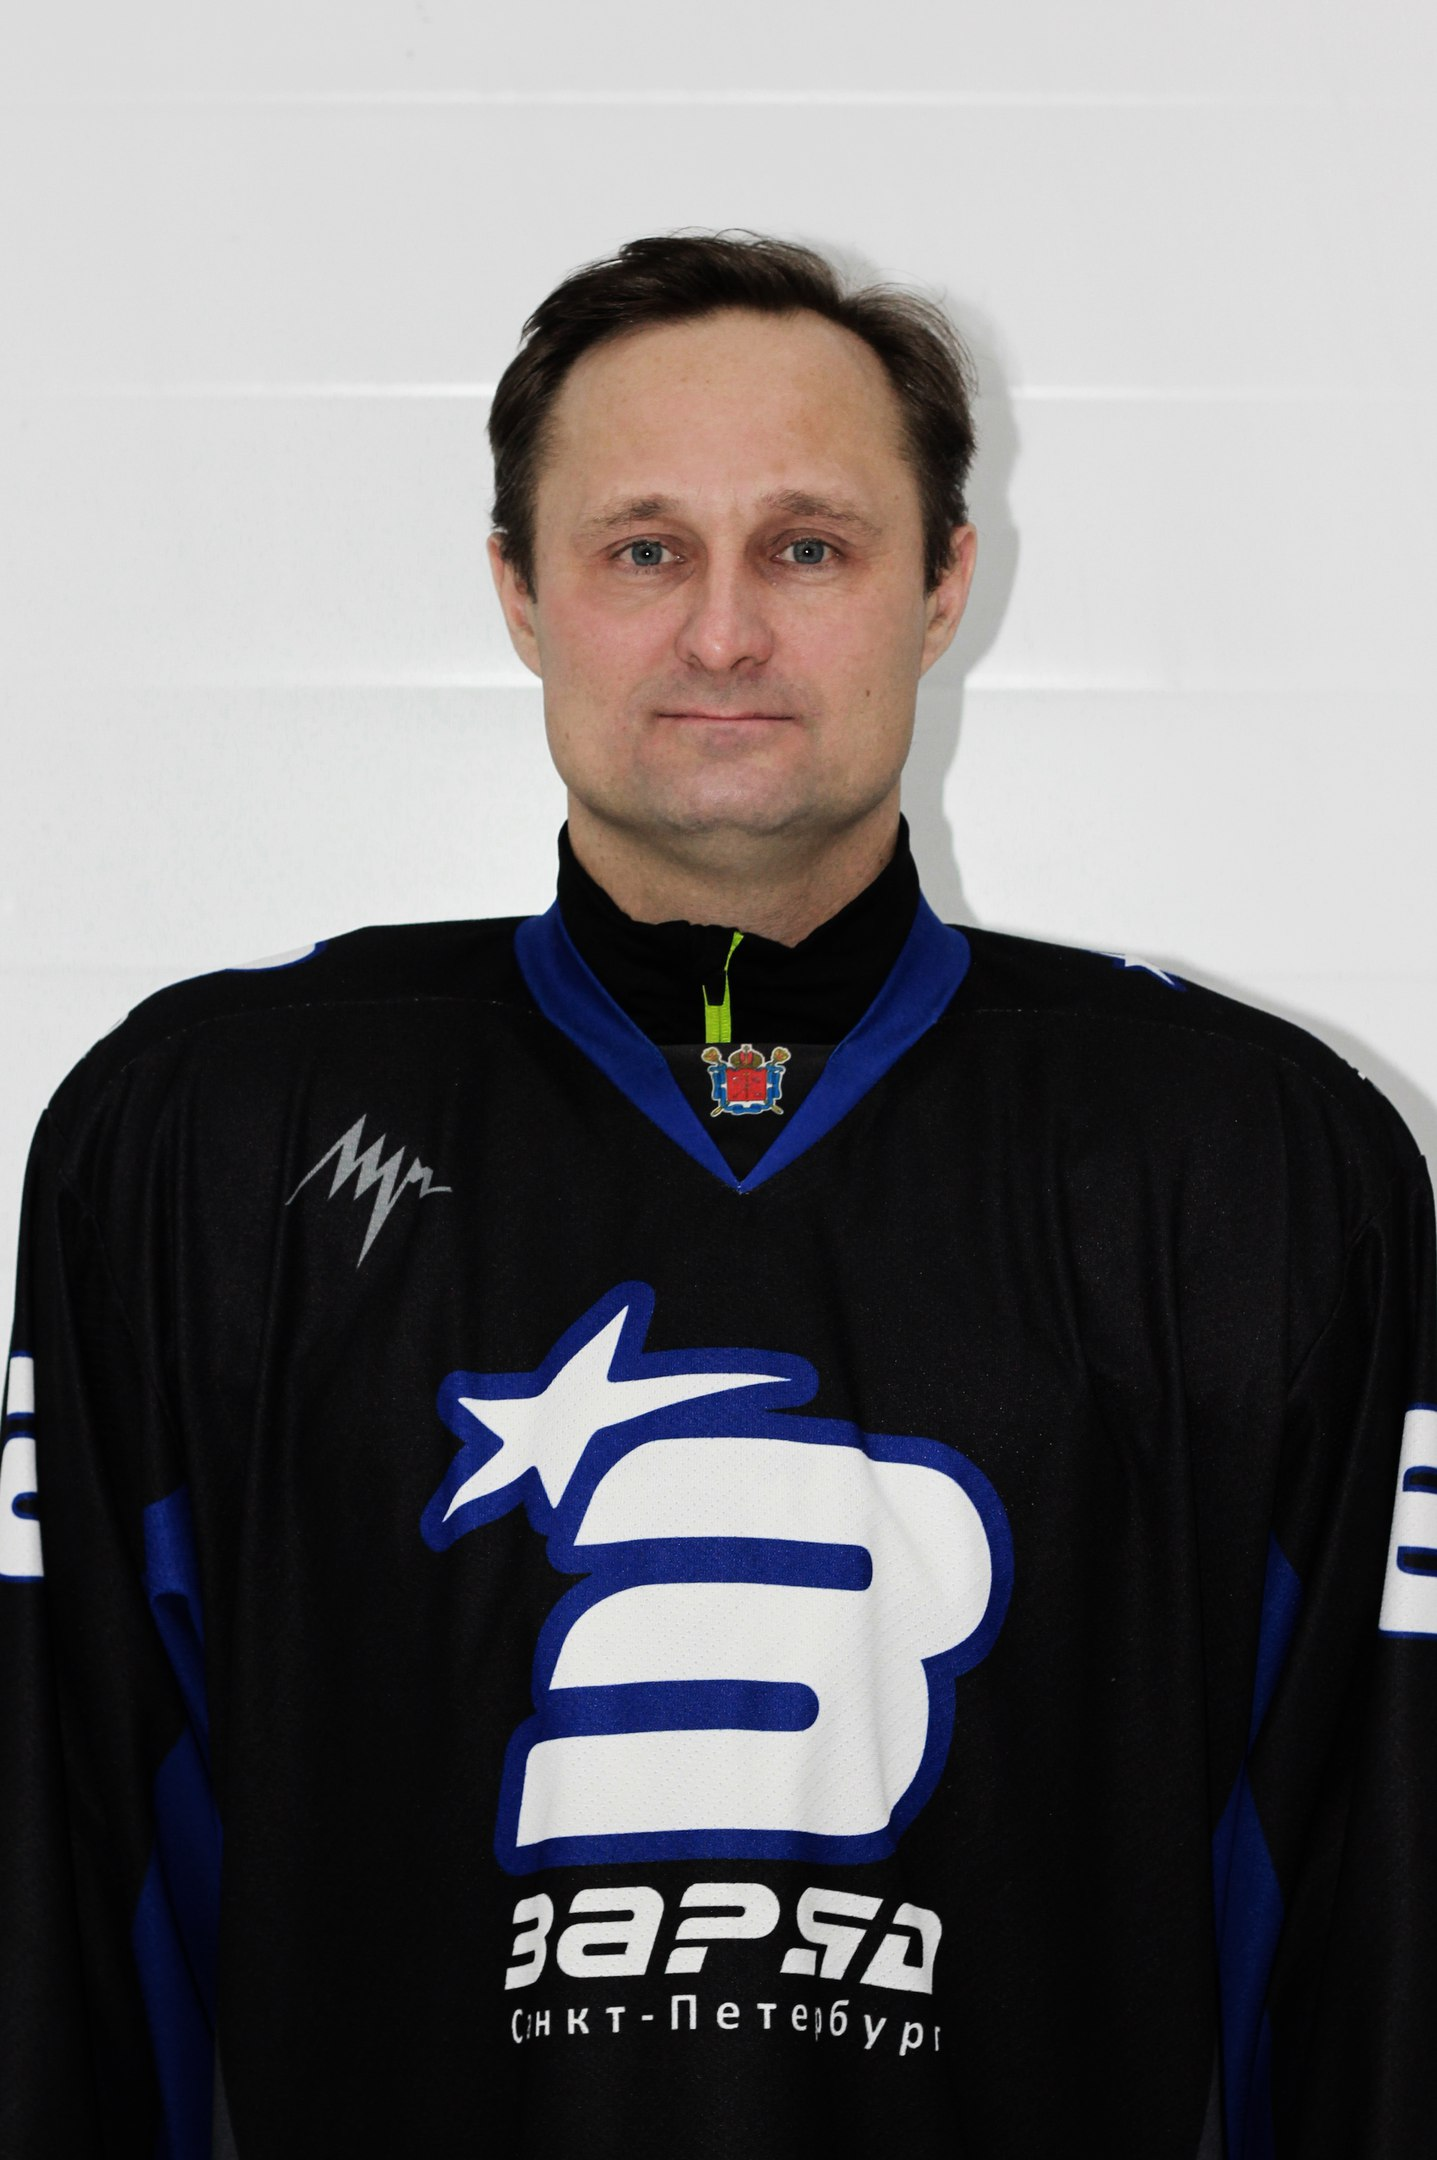 Бойцов Алексей